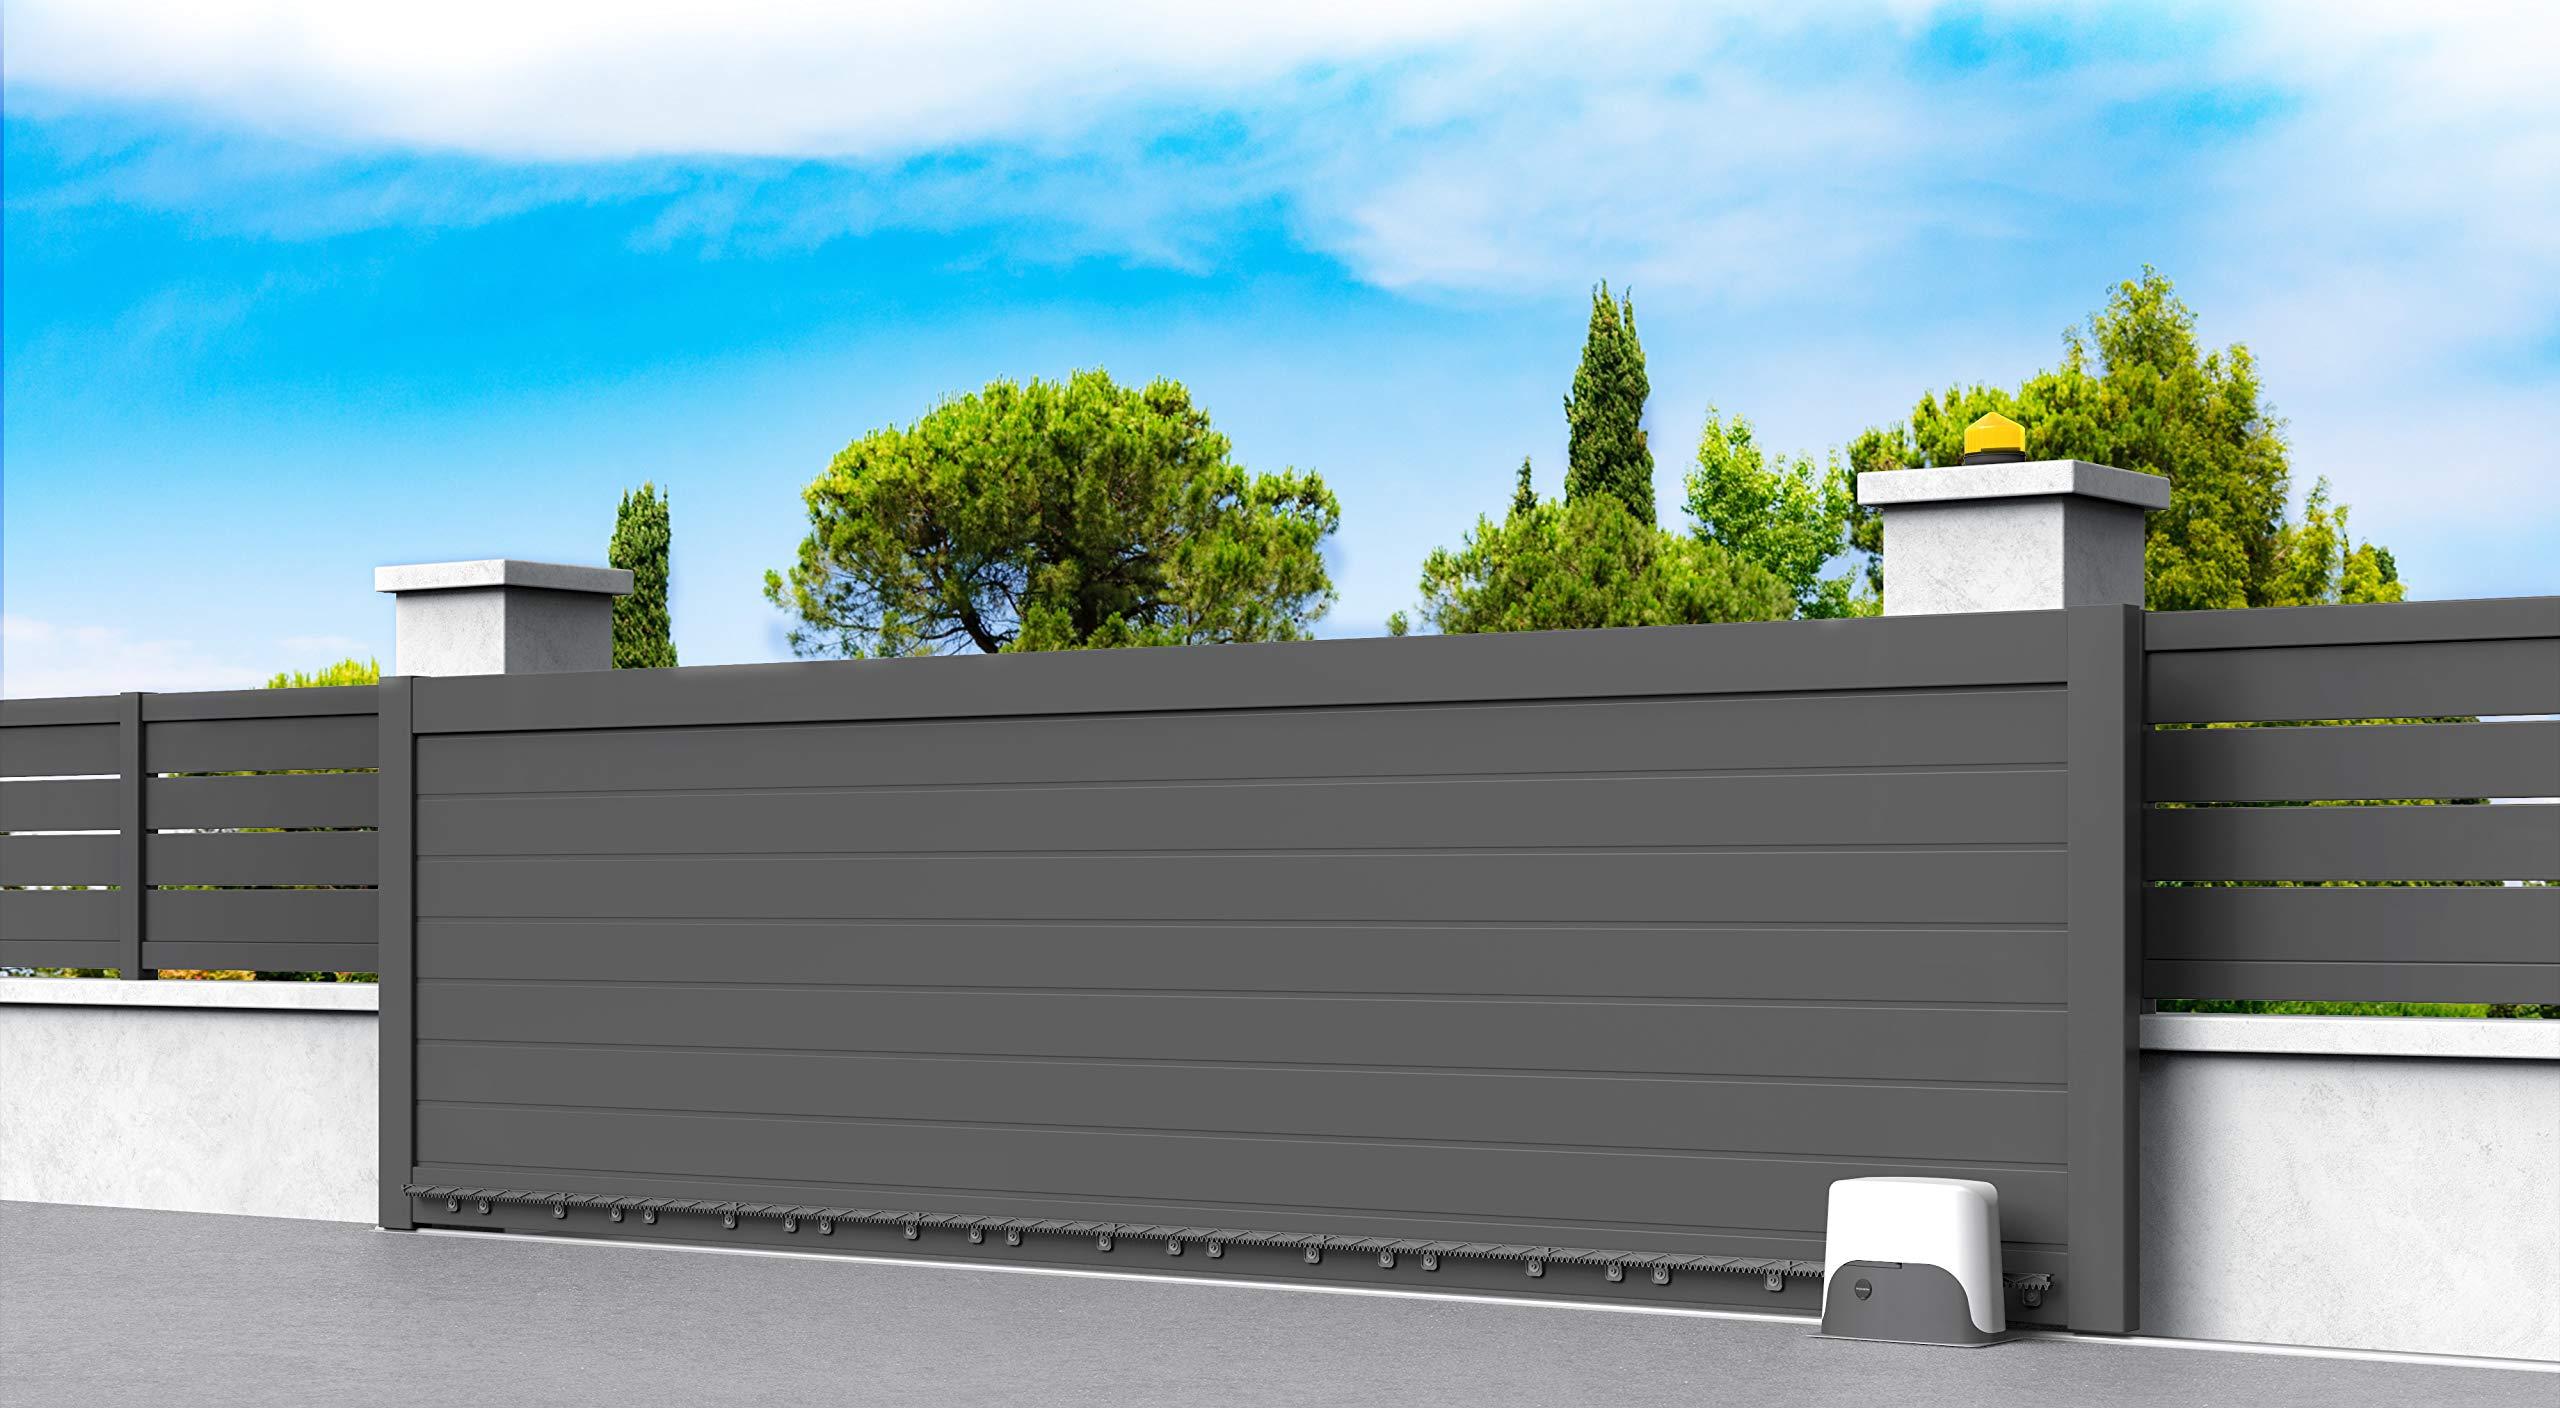 Thomson - Motorización Profesional para Puerta corredera (24 V, 400 kg, 8 m): Amazon.es: Electrónica